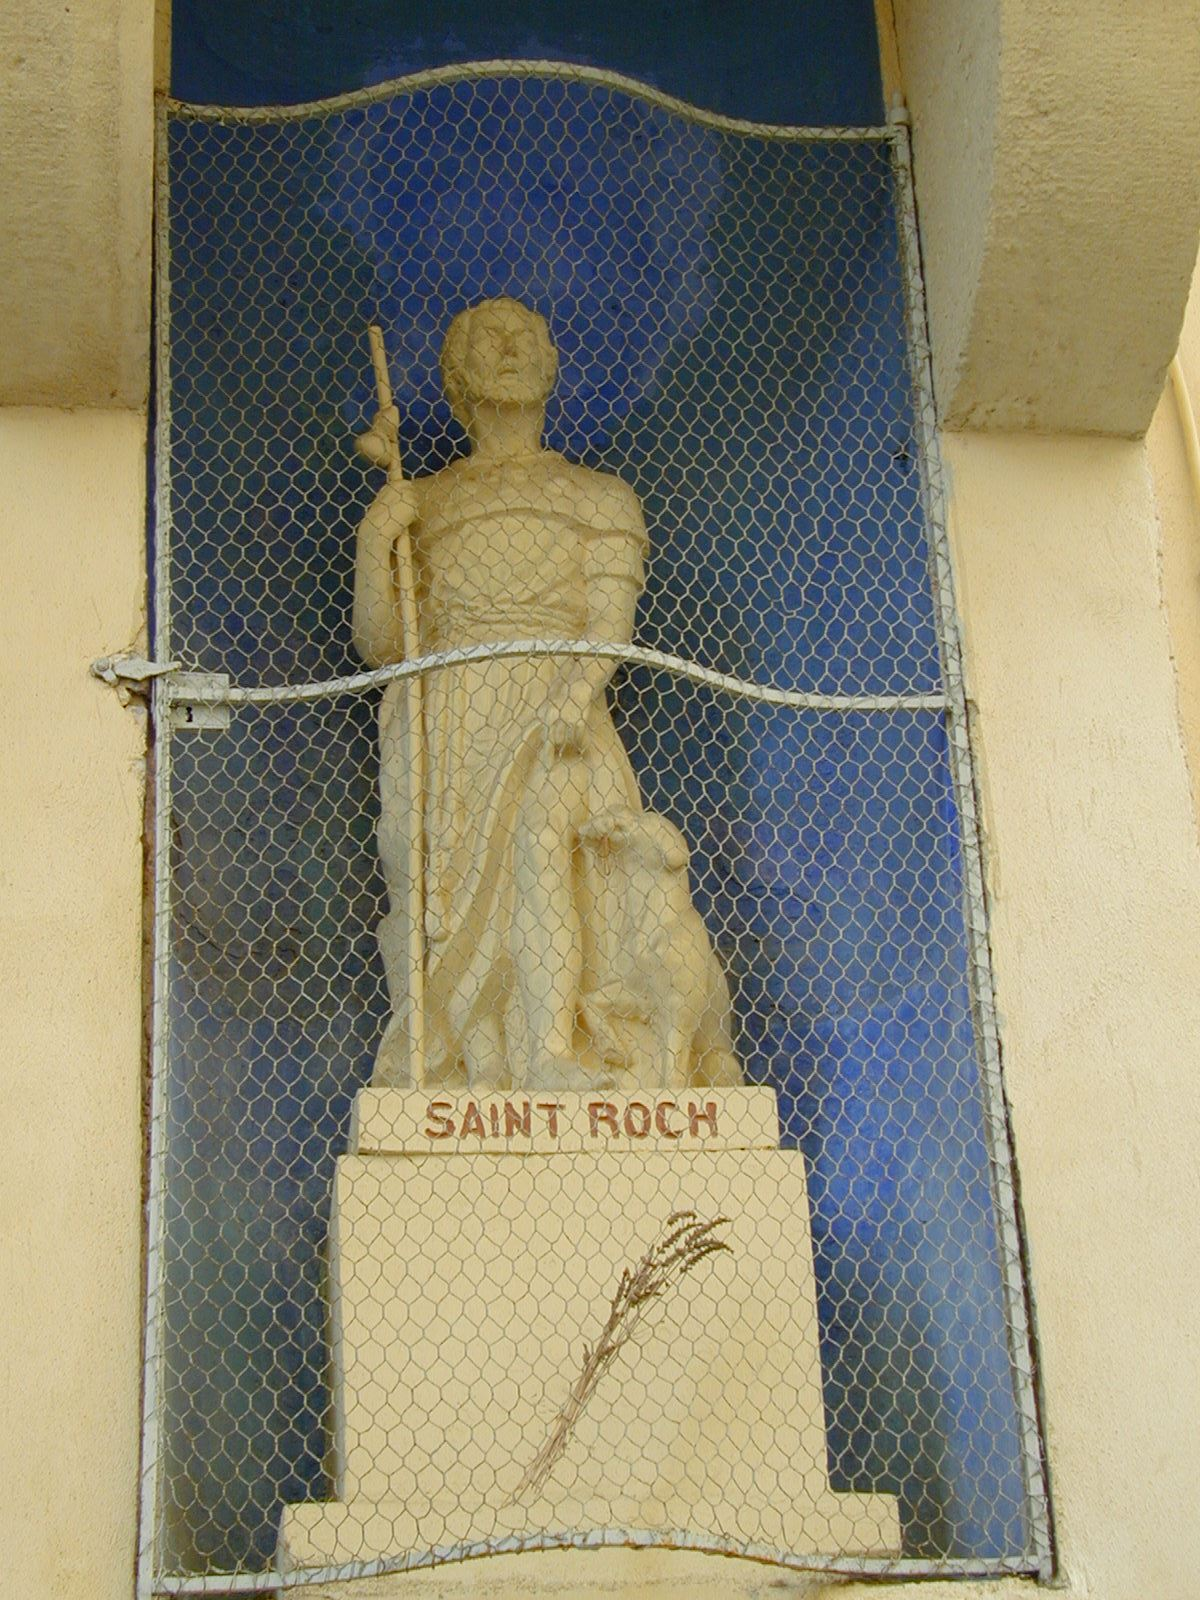 Sobre las huellas de Saint Roch (Visita en francés)